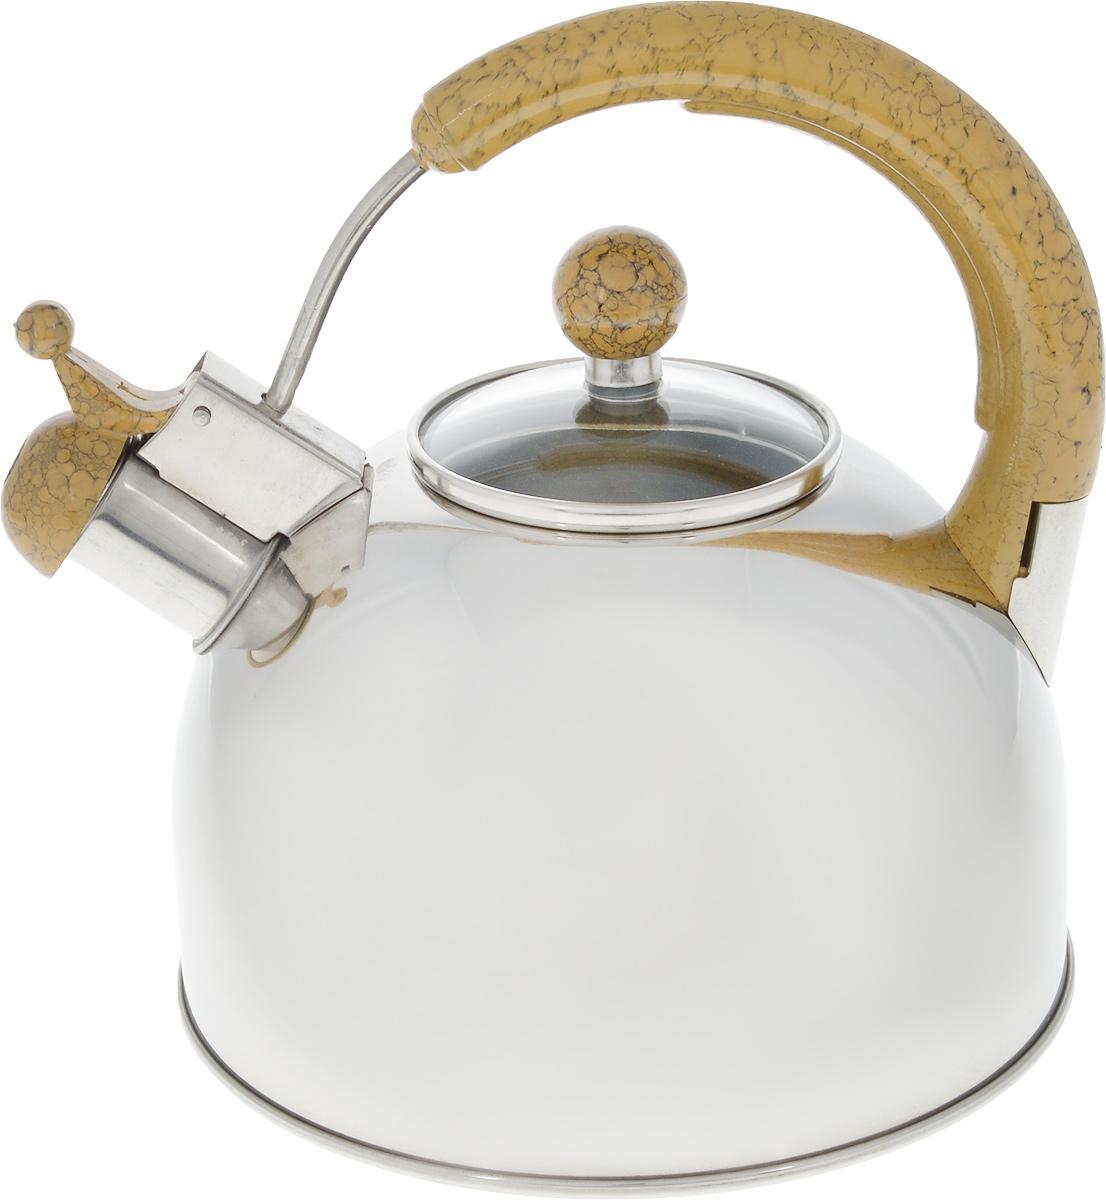 Чайник Bekker Koch со свистком, цвет: металлик, бежевый, 4,5 лBK-S335_бежевыйЧайник Bekker Koch выполнен из высококачественной нержавеющей стали, что обеспечивает долговечность использования. Внешнее зеркальное покрытие придает приятный внешний вид. Пластиковая фиксированная ручка делает использование чайника очень удобным и безопасным. Чайник снабжен свистком и устройством для открывания носика. Изделие оснащено капсулированным дном для лучшего распространения тепла.Можно мыть в посудомоечной машине. Пригоден для всех видов плит кроме индукционных. Высота чайника (без учета крышки и ручки): 13 см. Диаметр основания: 20 см.